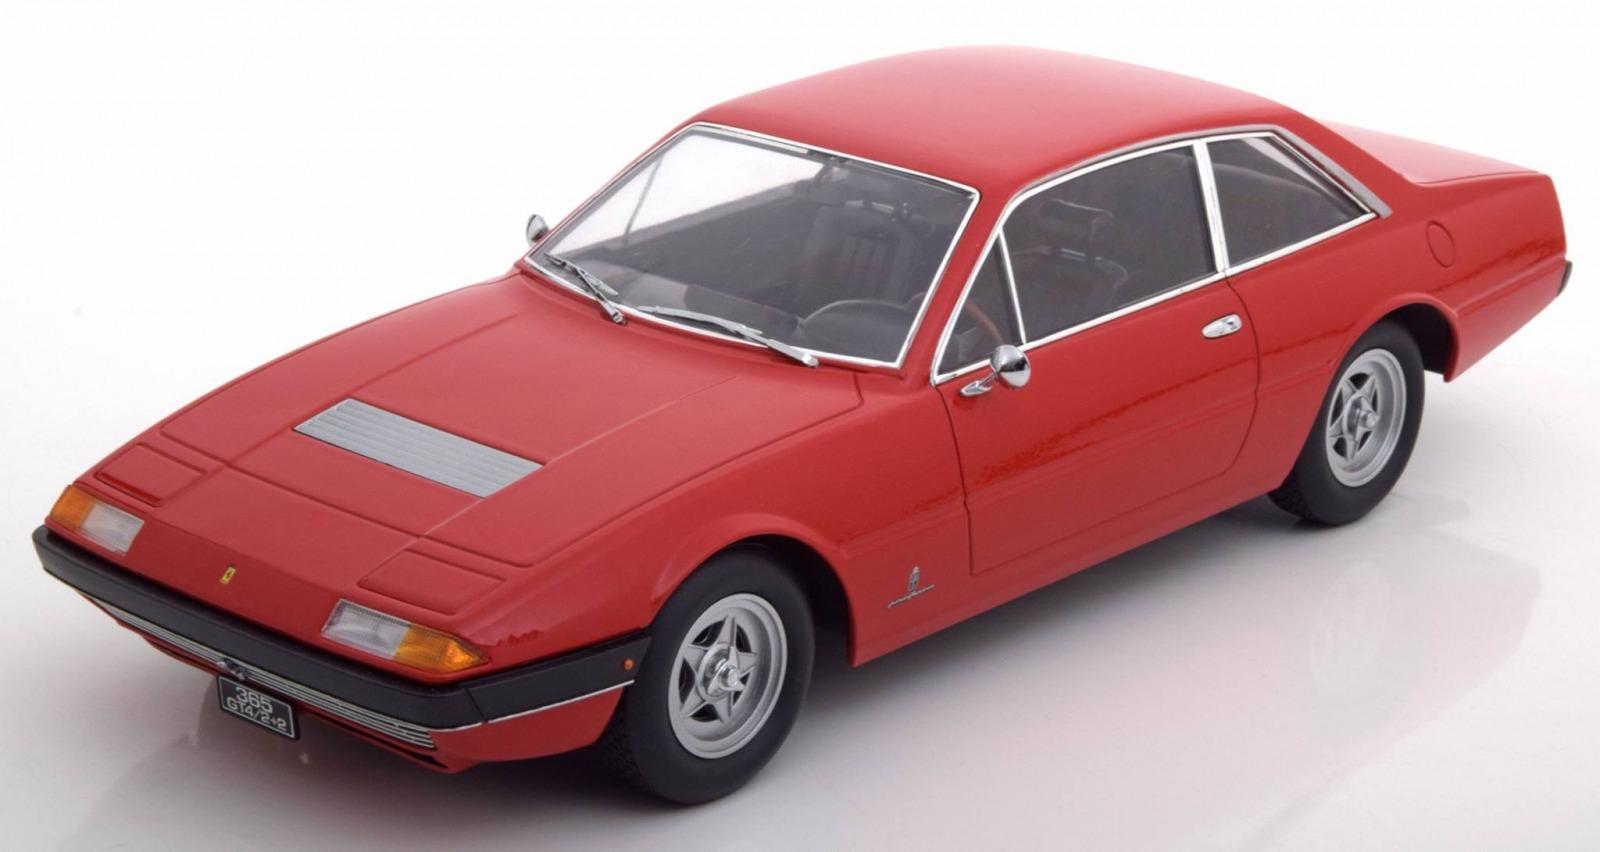 KK Scale 1/18 1972年モデル フェラーリ 365 GT4 2+2FERRARI - 365 GT4 2+2 1972 1/18 by KK Scale EUR